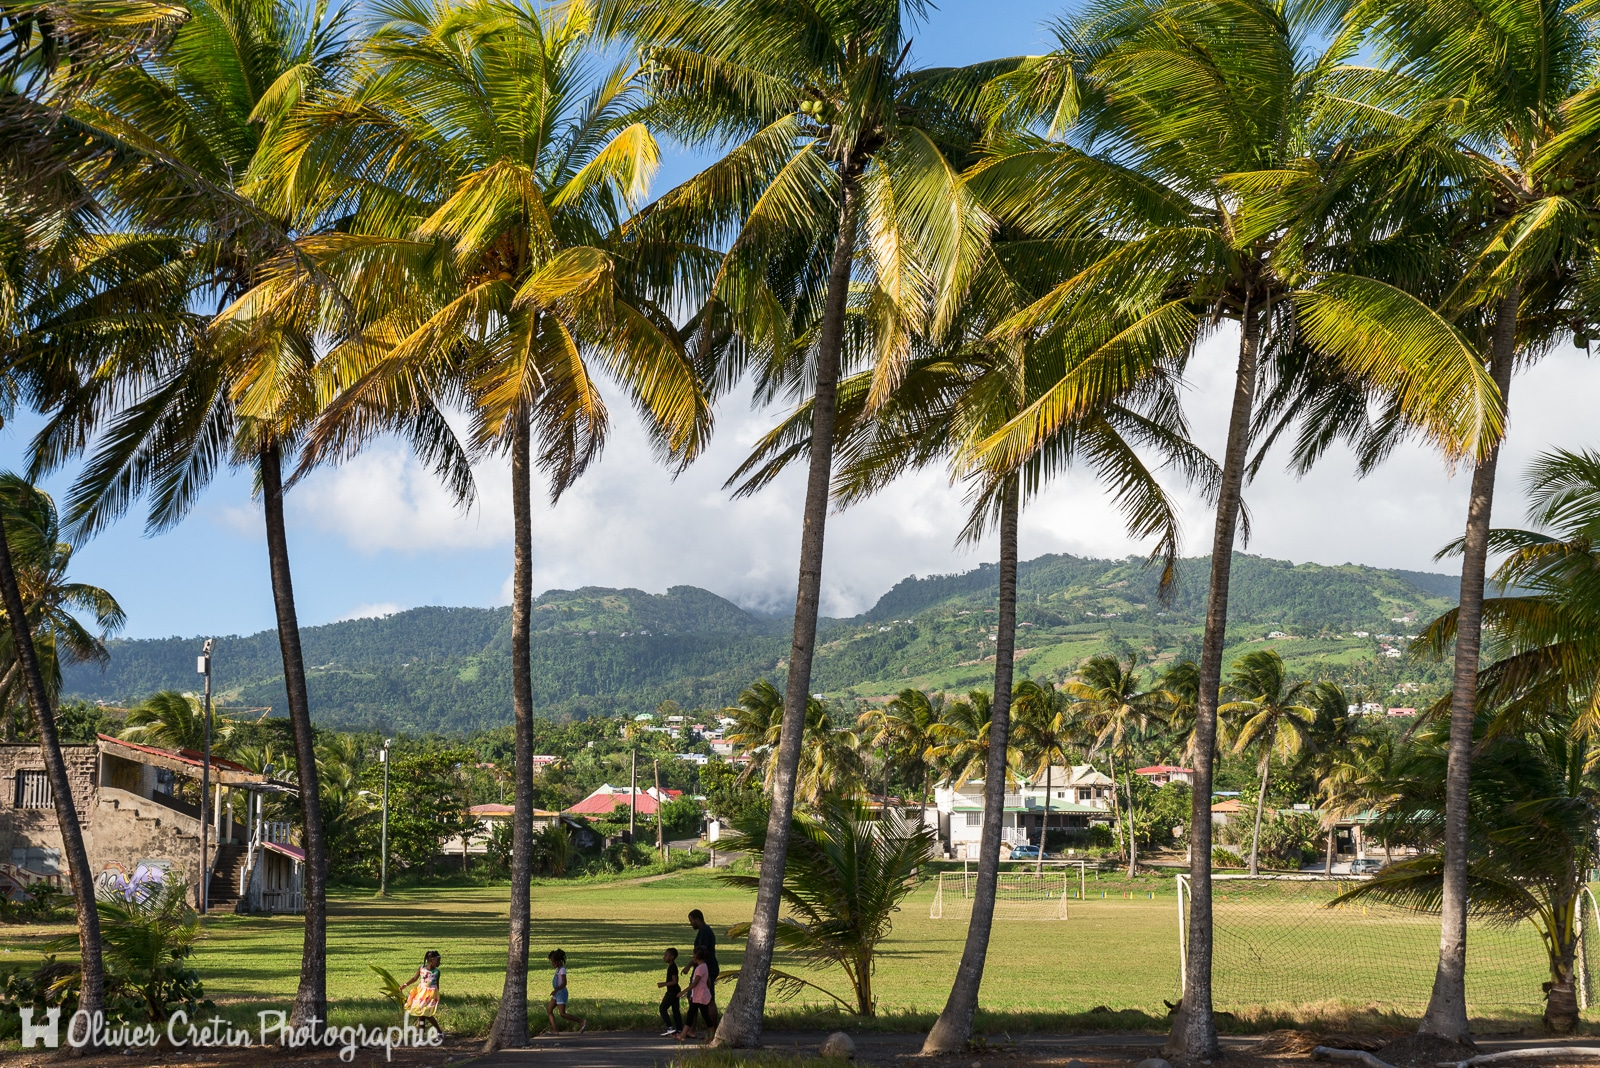 Guadeloupe - Trois rivières - La balade du dimanche